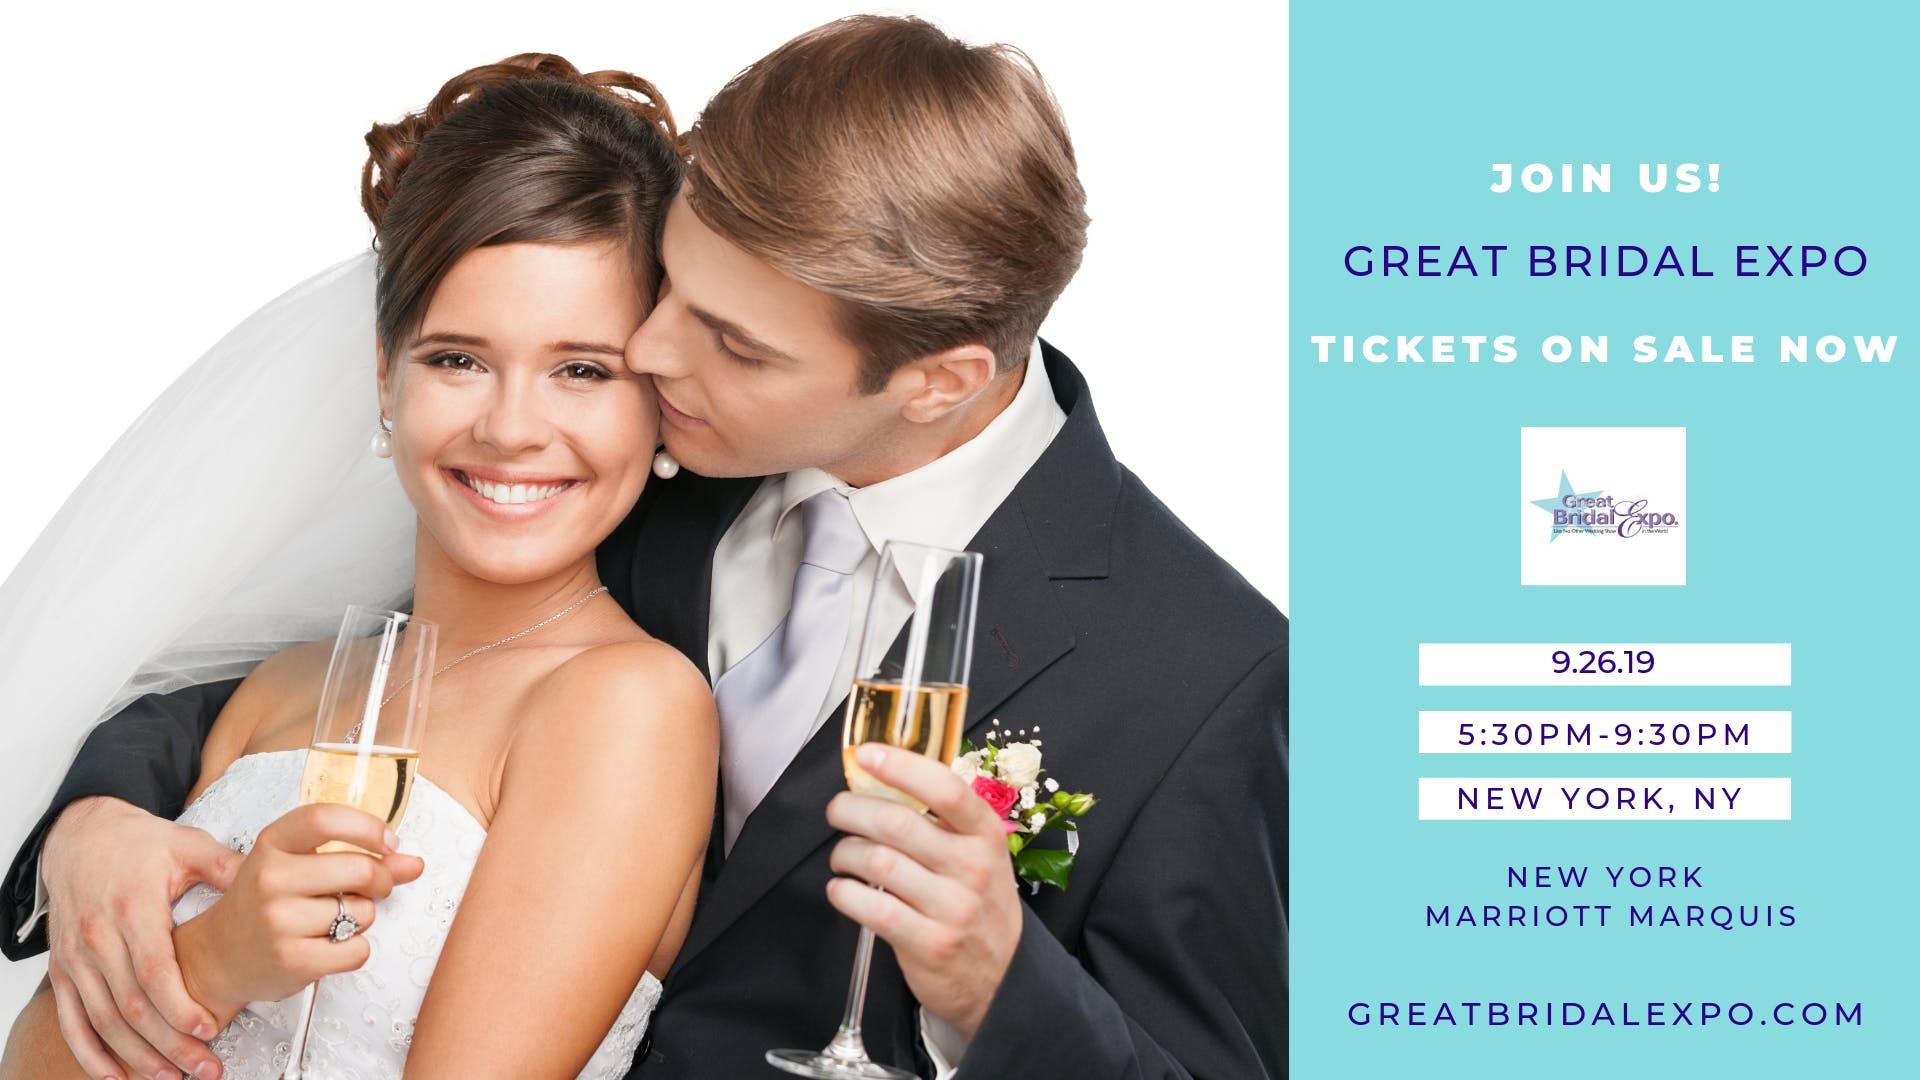 Great Bridal Expo - New York, NY